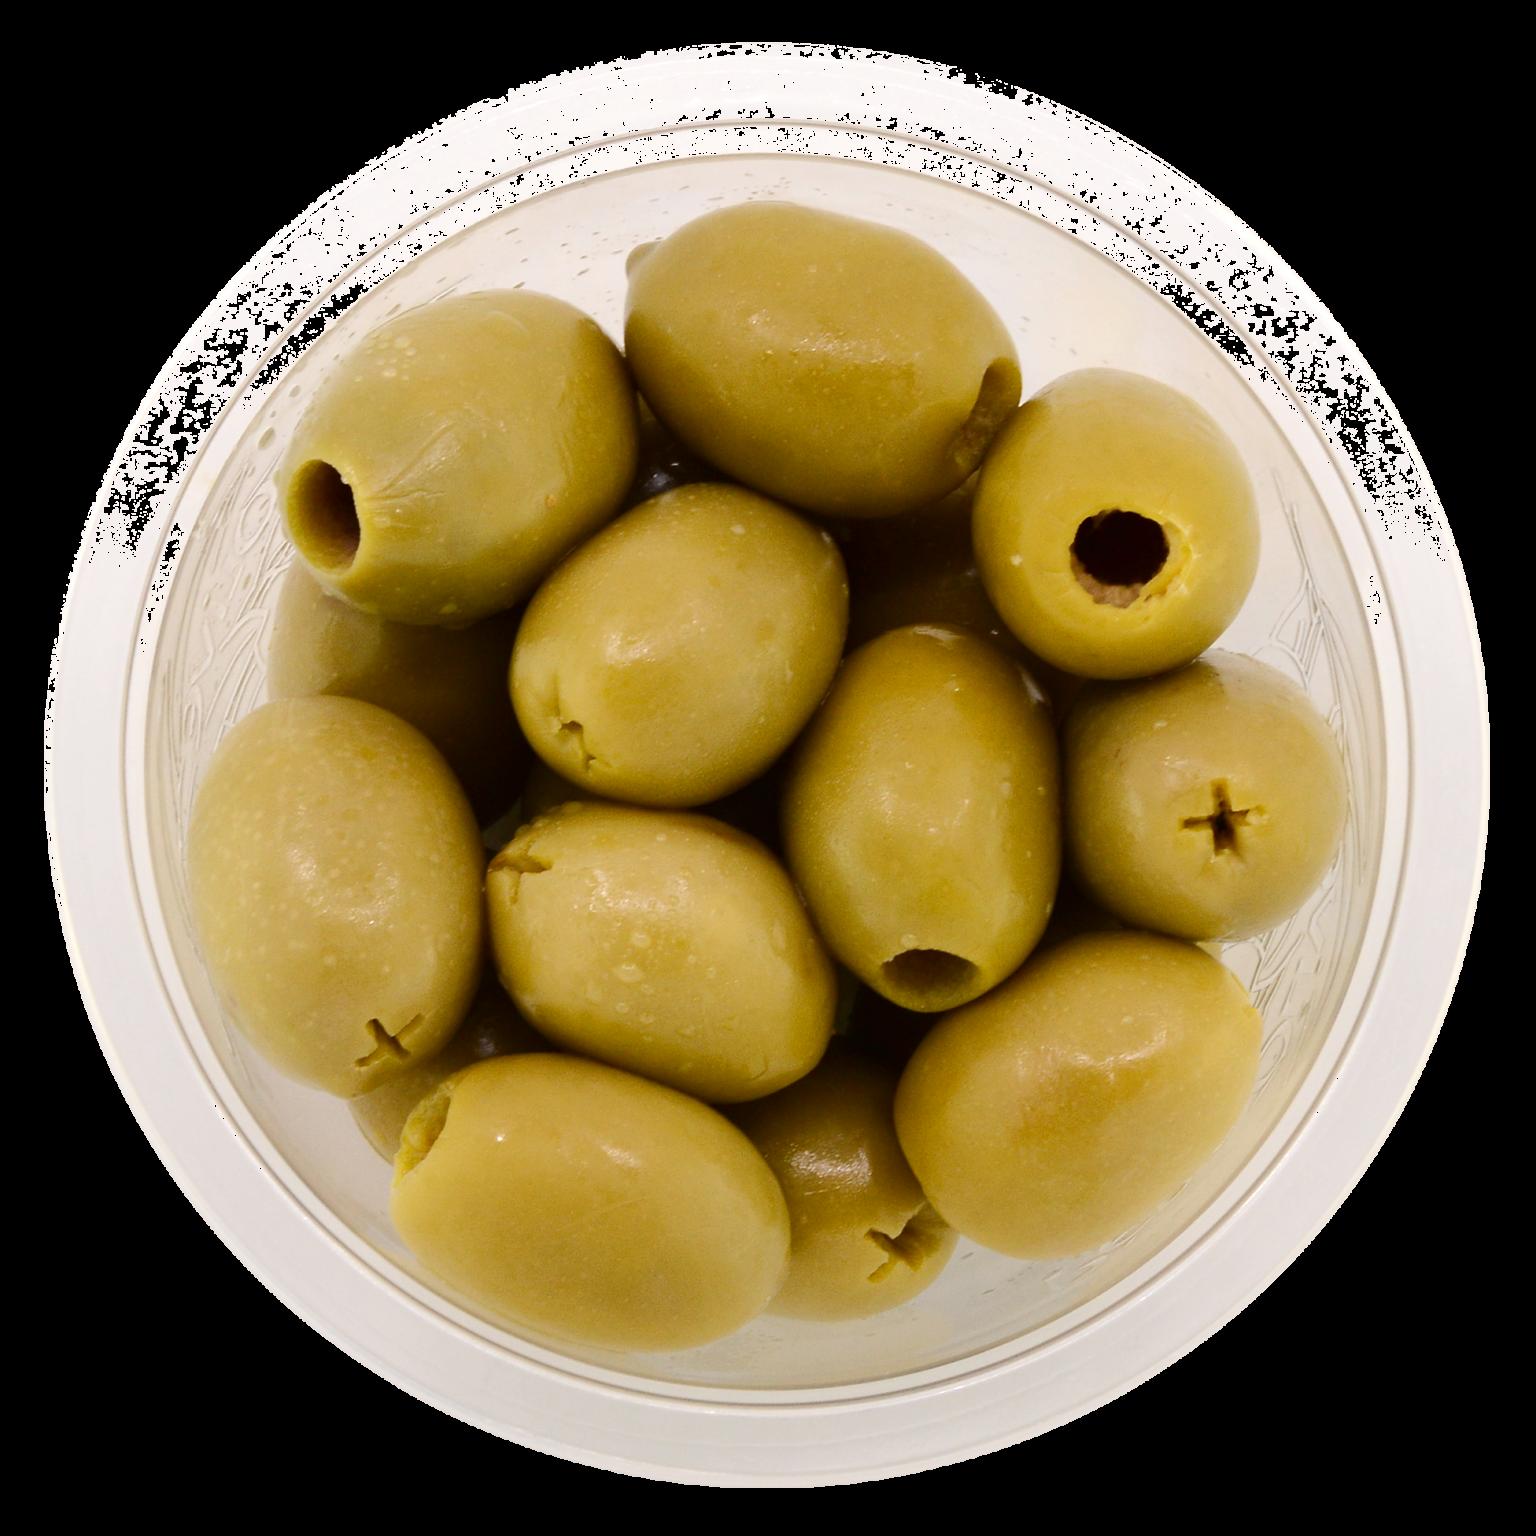 père olive queen natuur